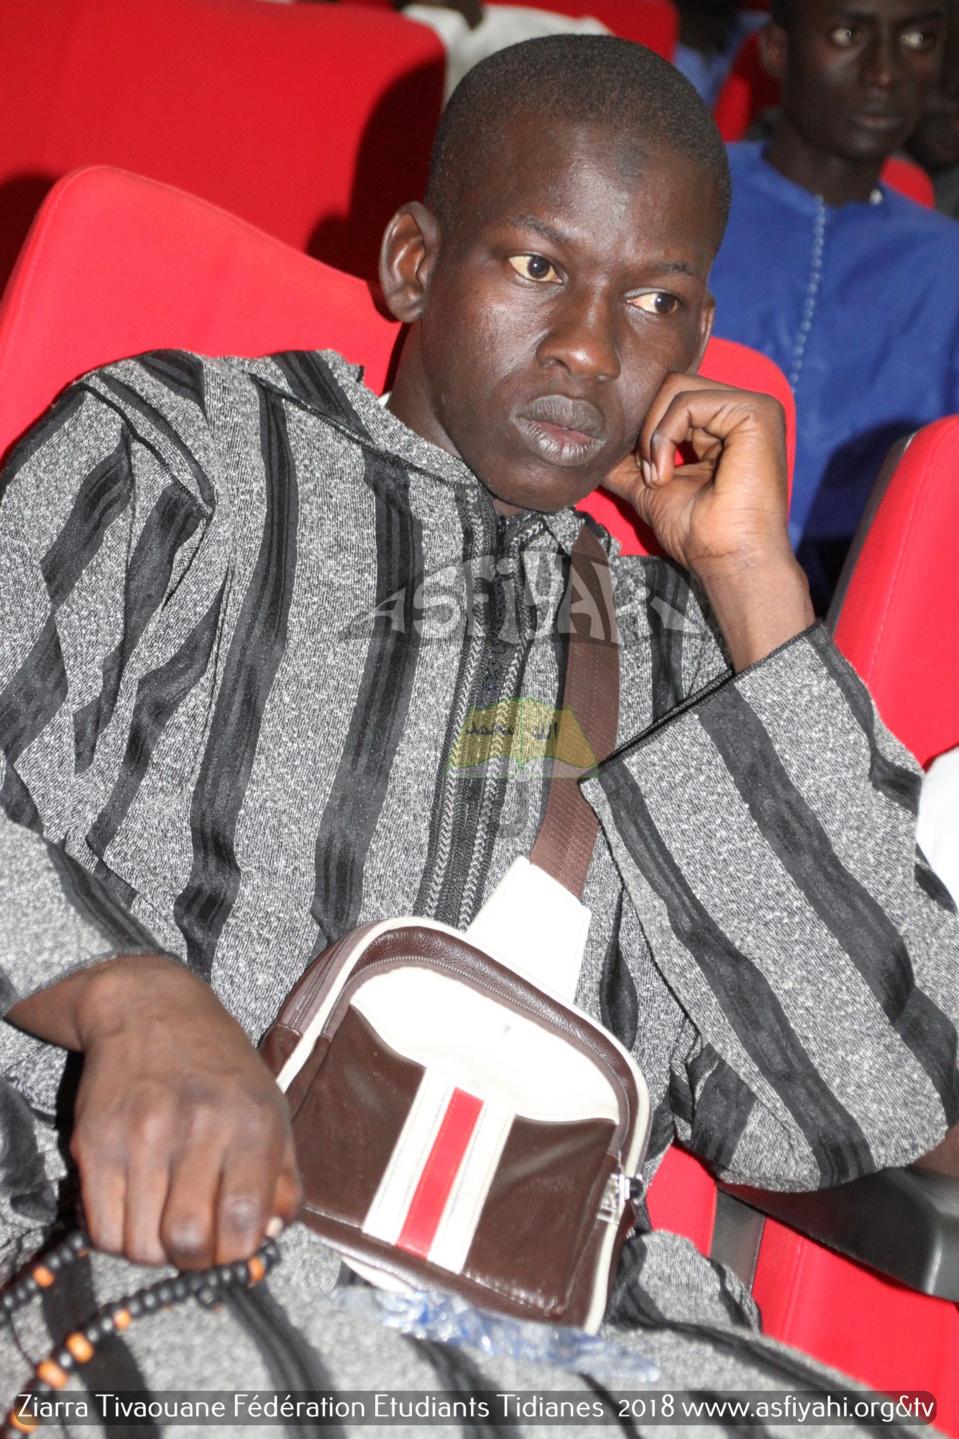 PHOTOS - TIVAOUANE - Les Images de la Ziarra à Tivaouane de la Fédération des Etudiants Tidianes du Sénégal